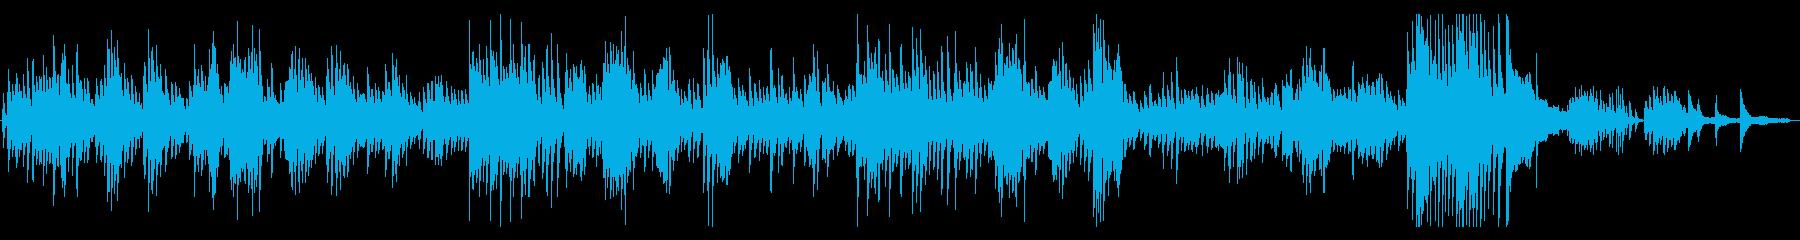 クラシック ショパンのノクターン の再生済みの波形